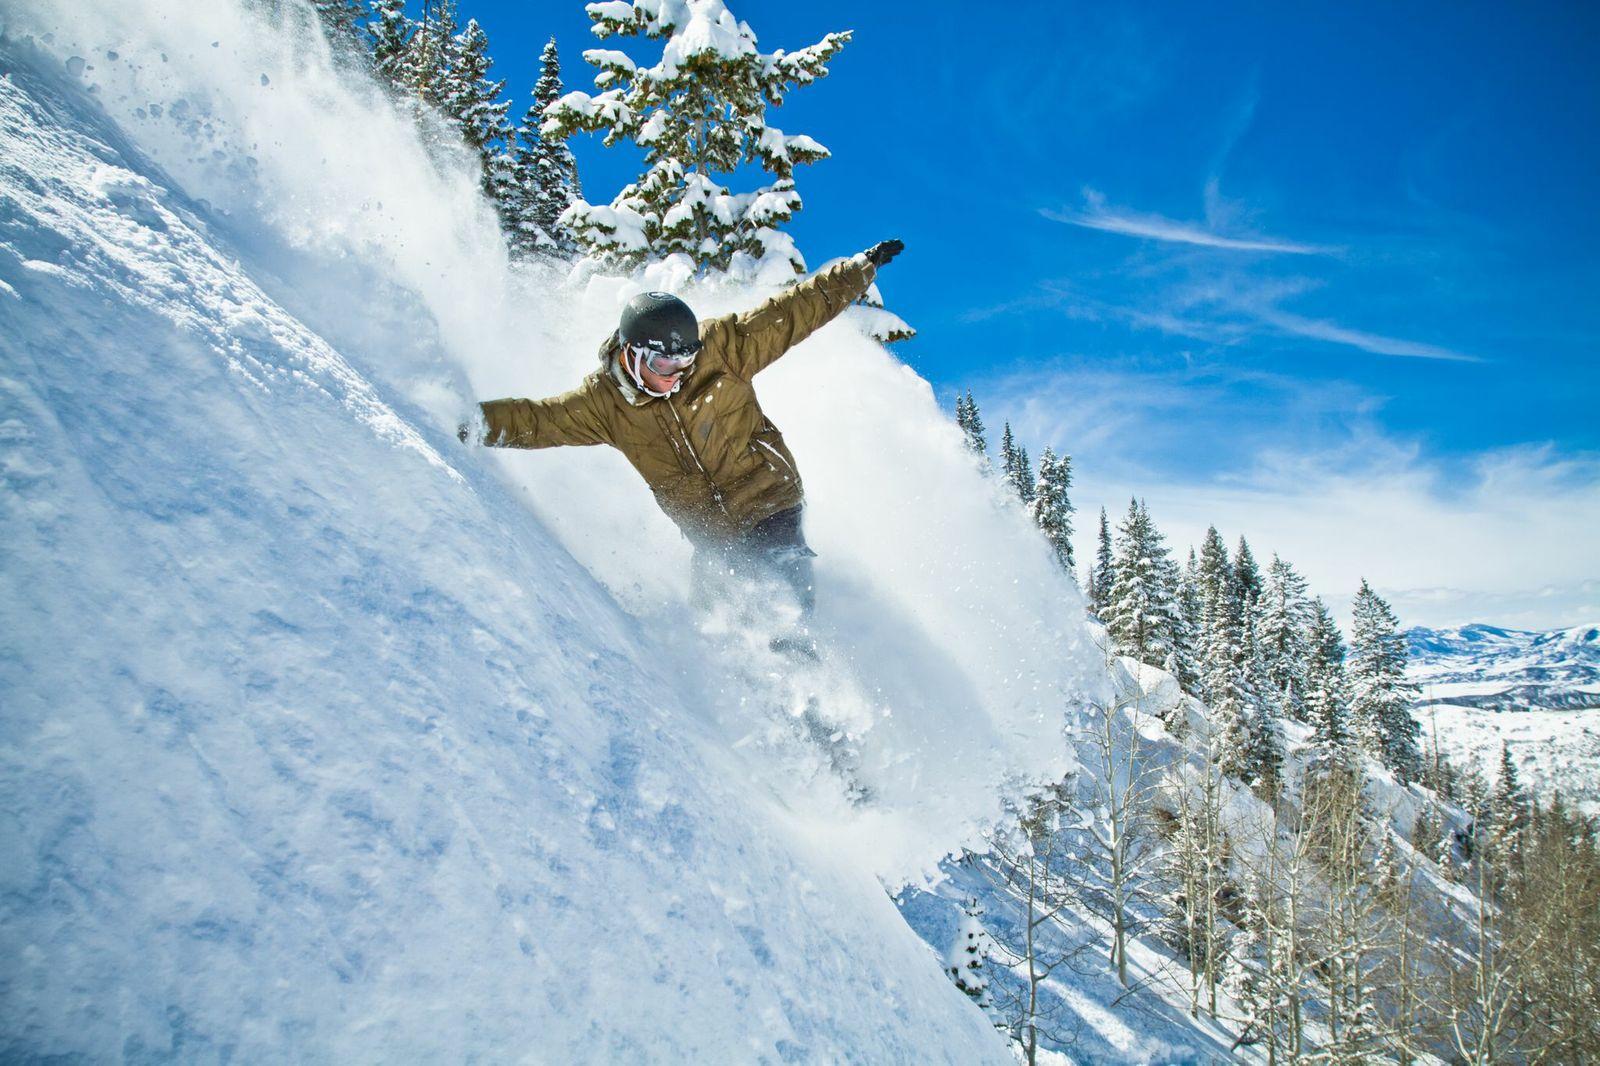 Chad Fleischer Powder Snowboarding